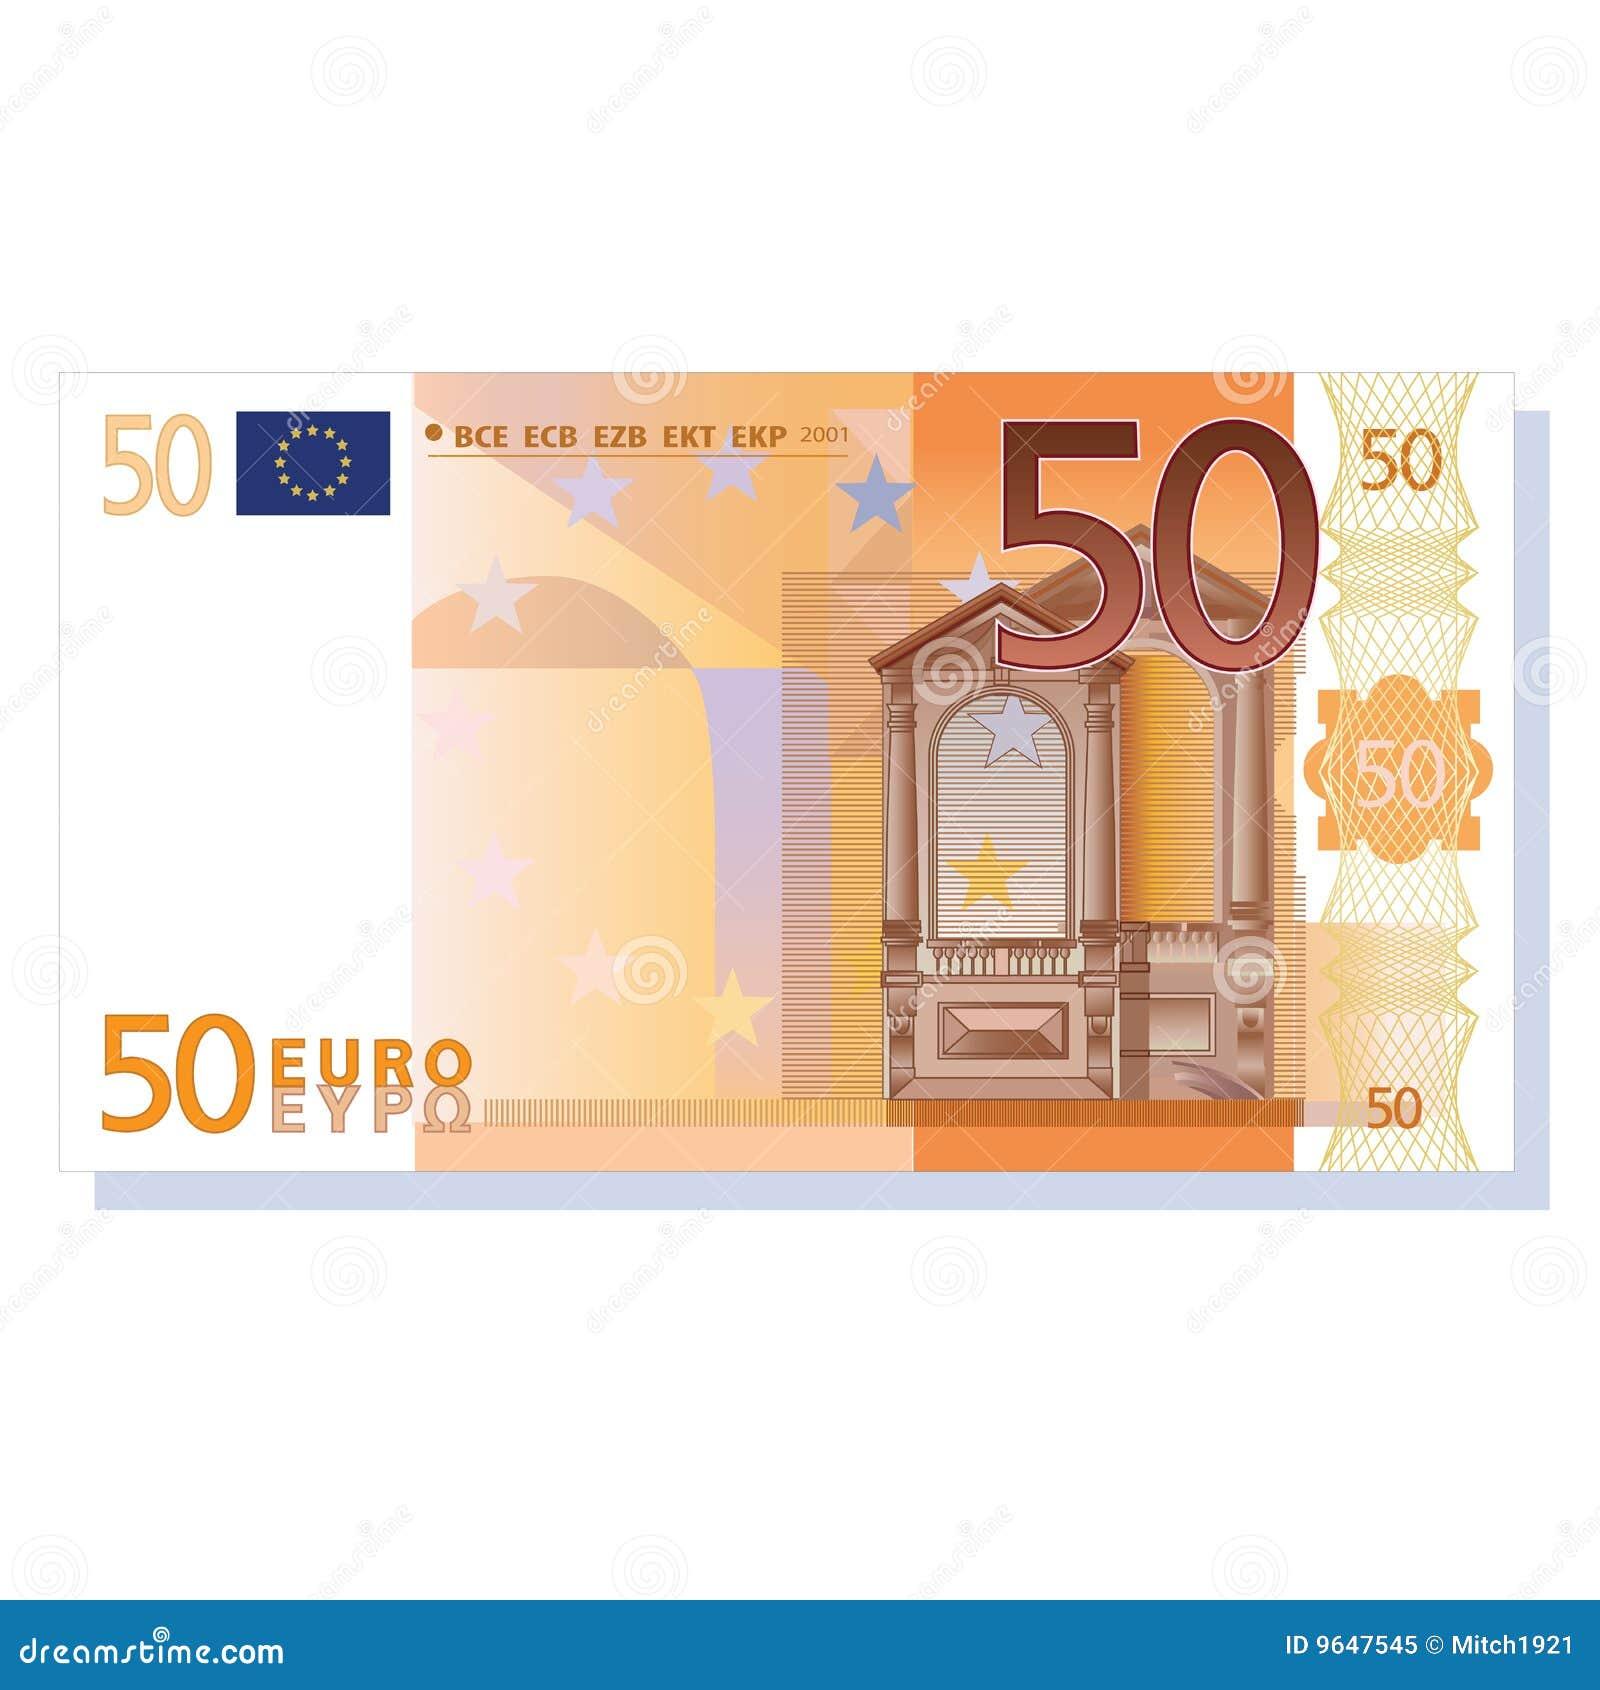 Euro bankbiljet 50